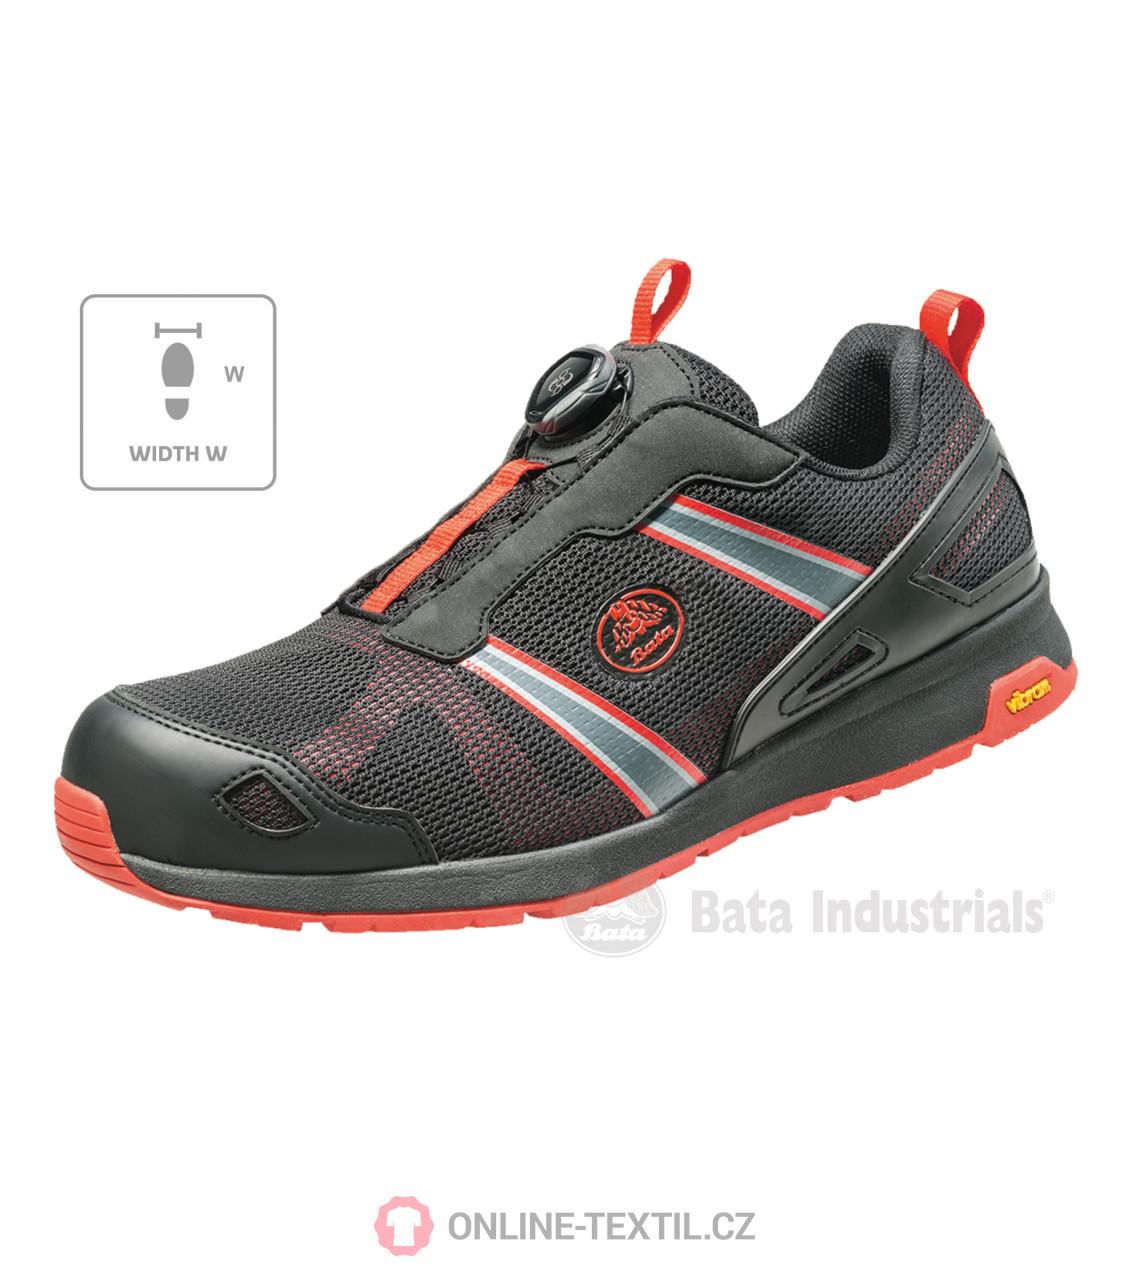 Bata Industrials Safety footwear S1P